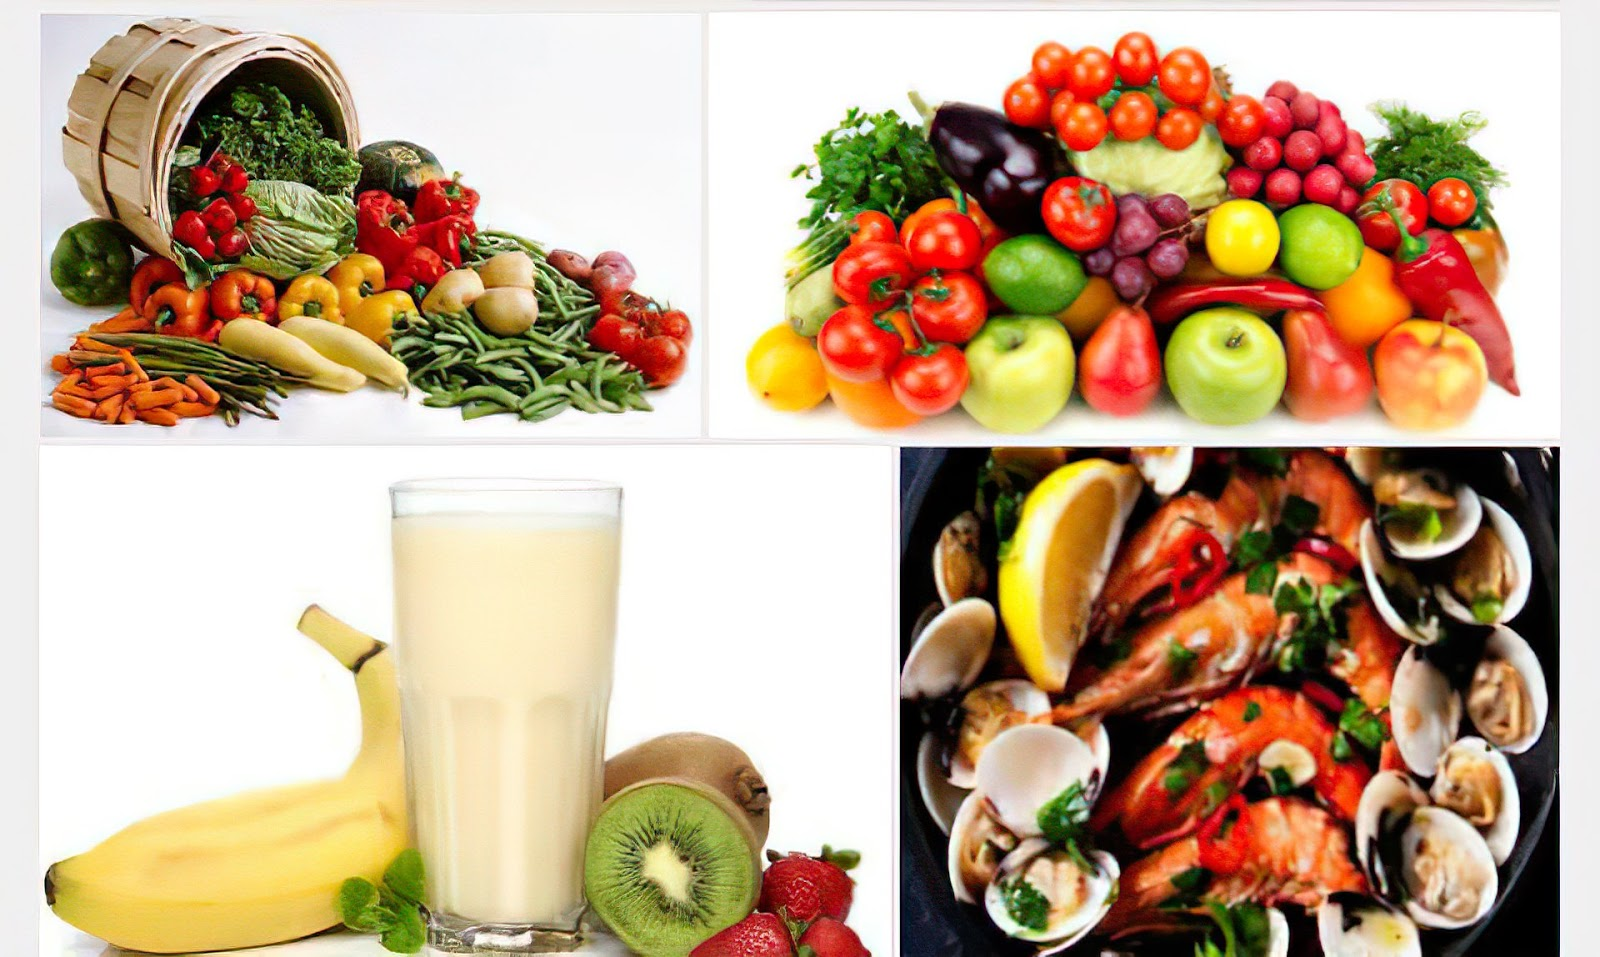 Awas Mencampur Makanan Ini Bisa membuat Kamu Keracunan